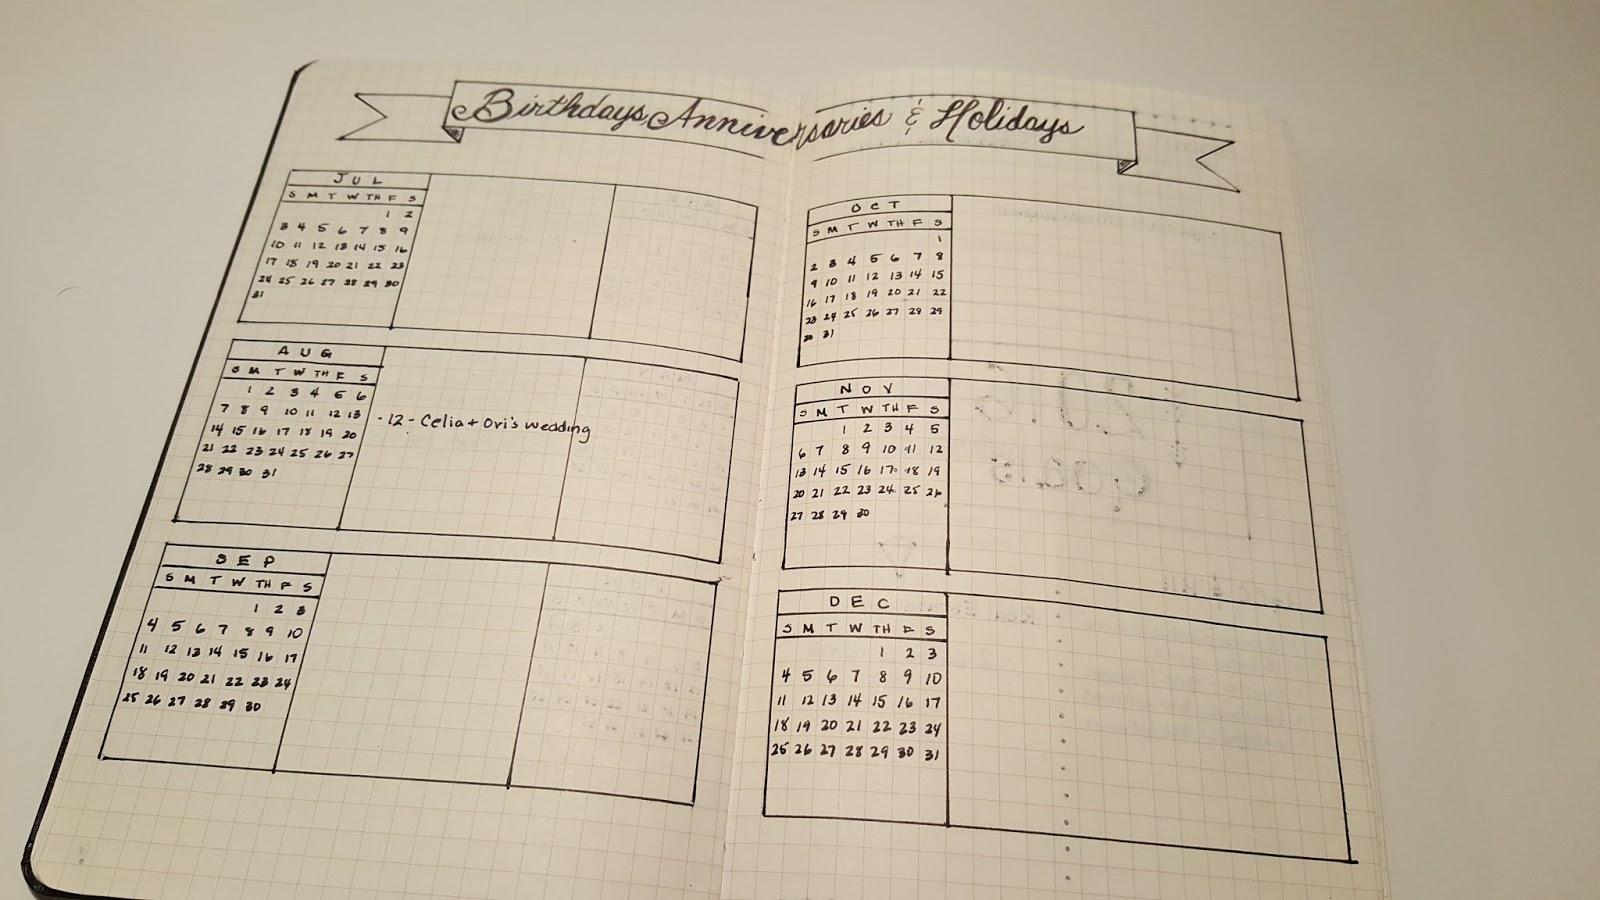 Bullet Journal Year Calendar : Helmighaus my bullet journal life organized